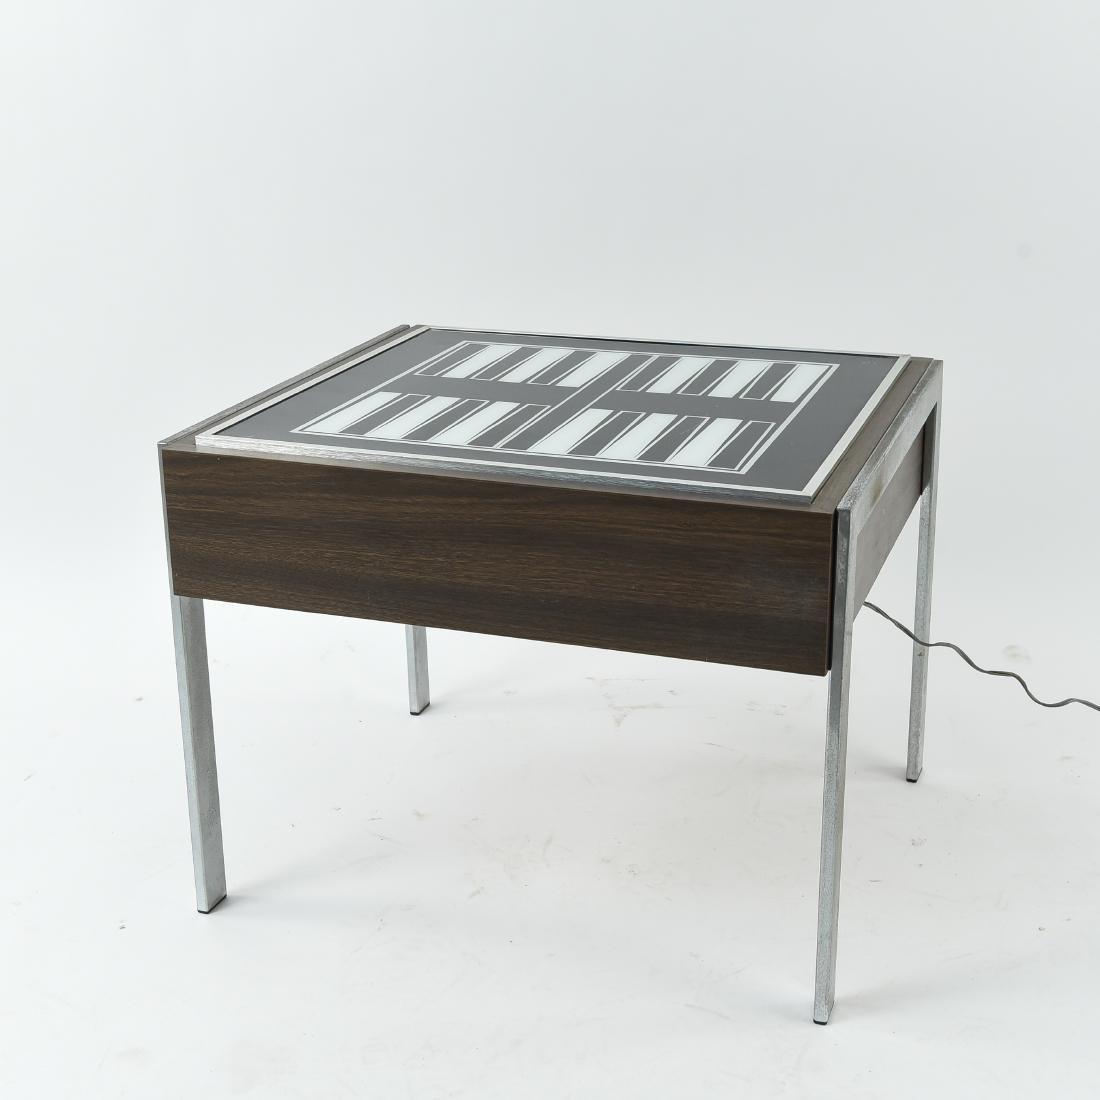 C. 1970S ILLUMINATED BACKGAMMON TABLE